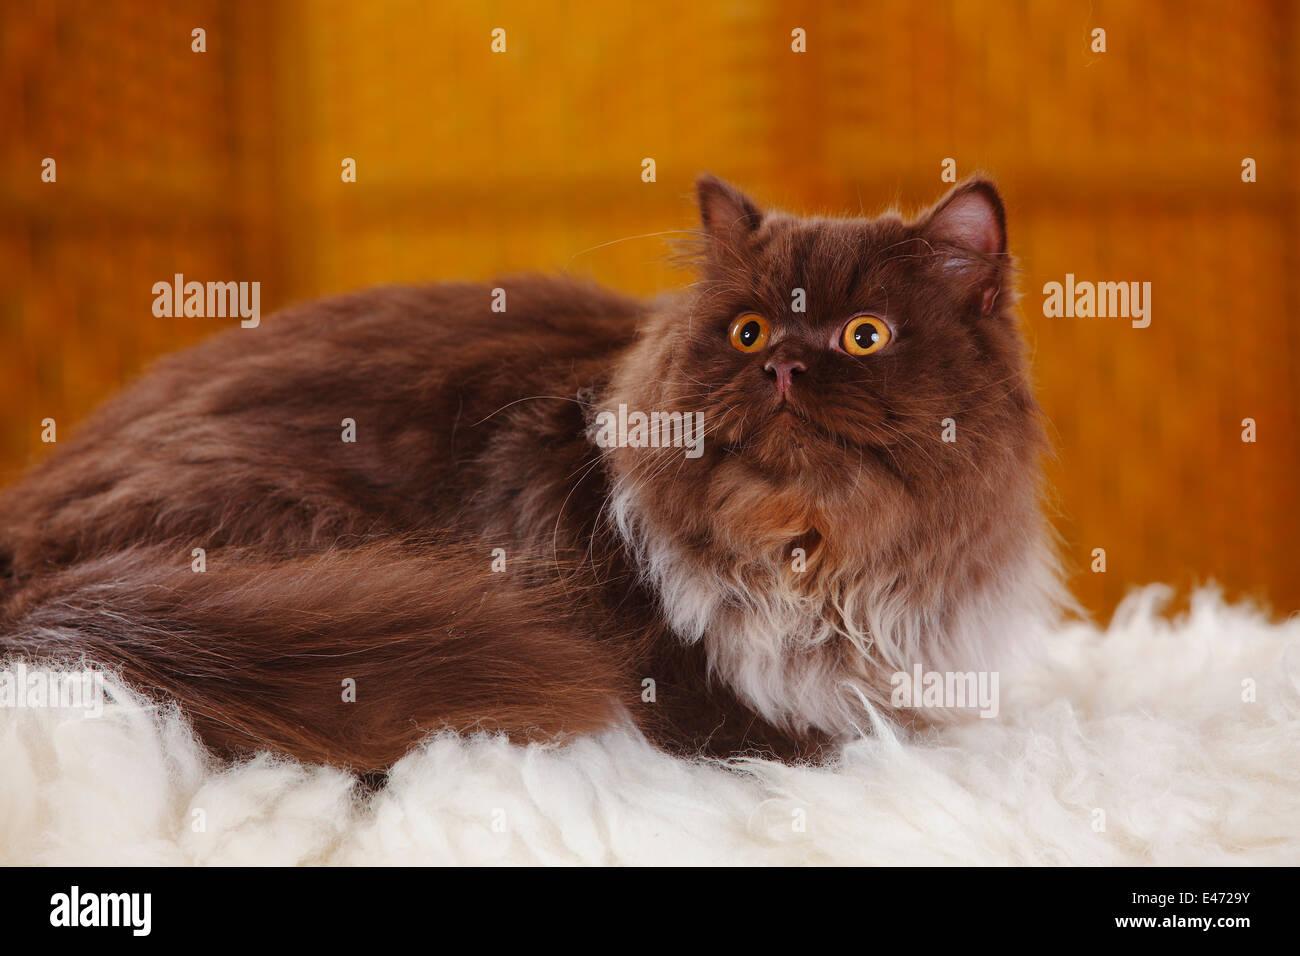 British Longhair Cat, tomcat, chocolate  Britische Langhaarkatze, Kater, chocolate - Stock Image